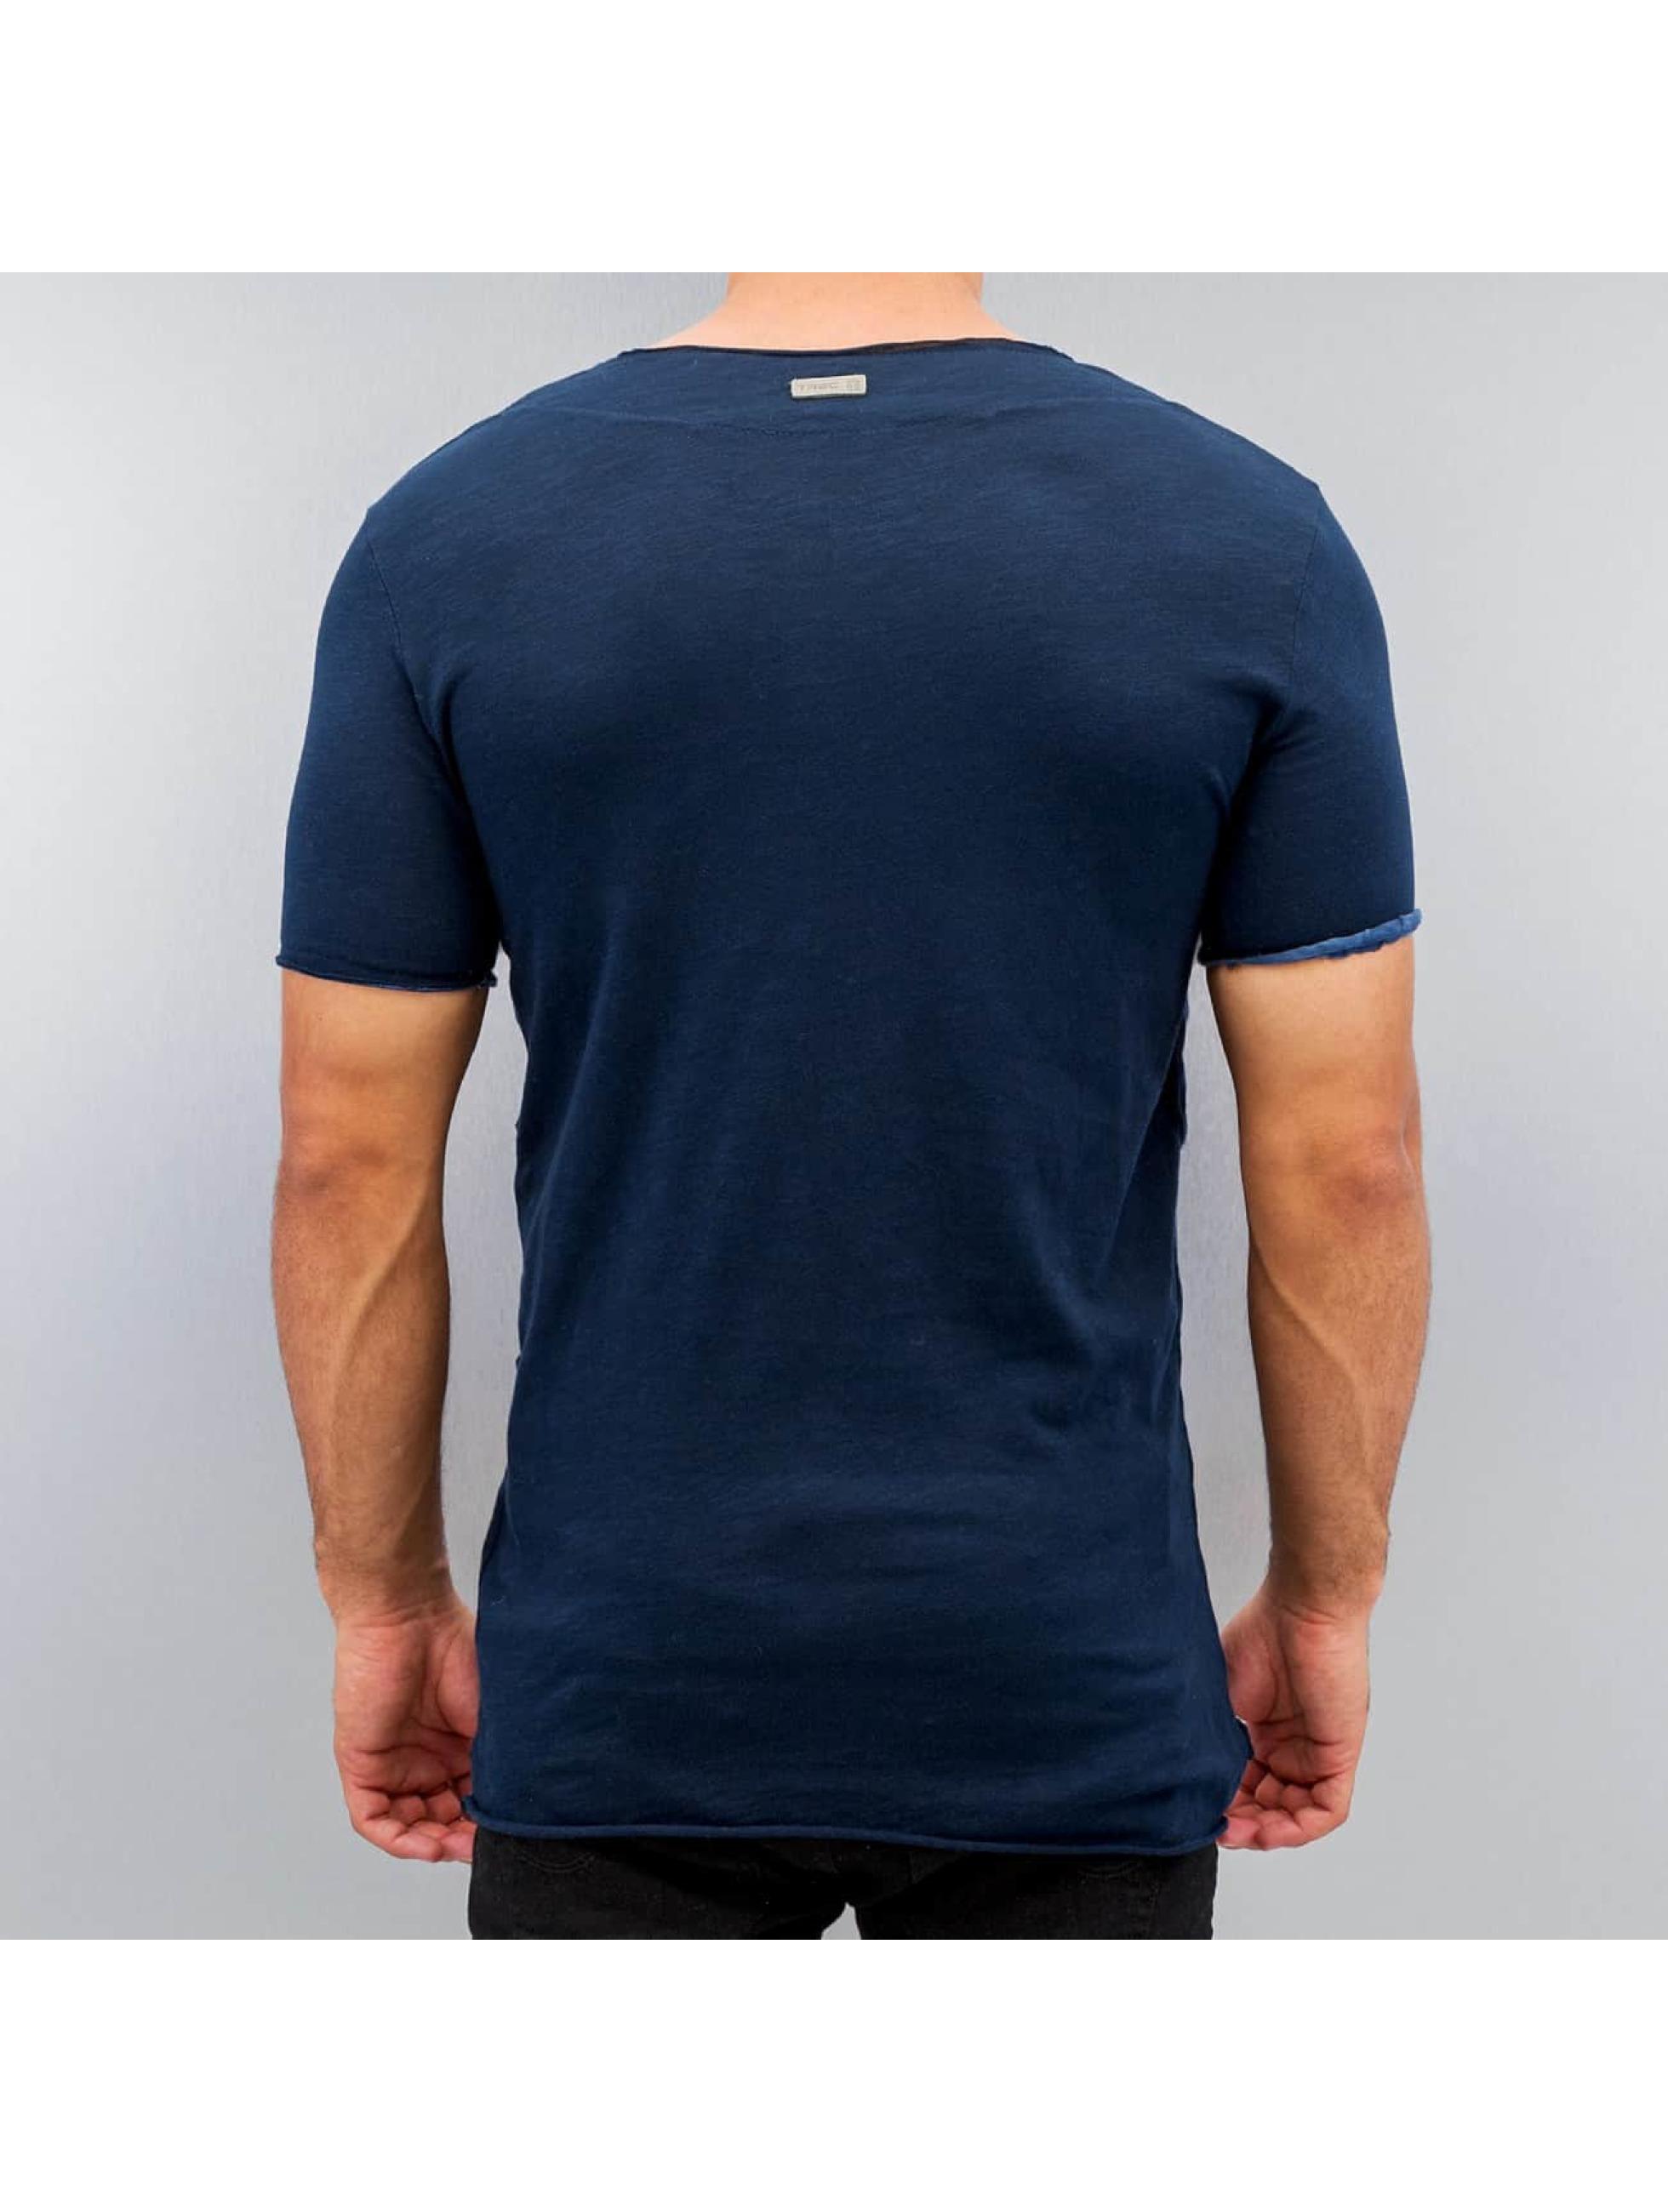 Red Bridge T-shirt Destroyed Vintage blå